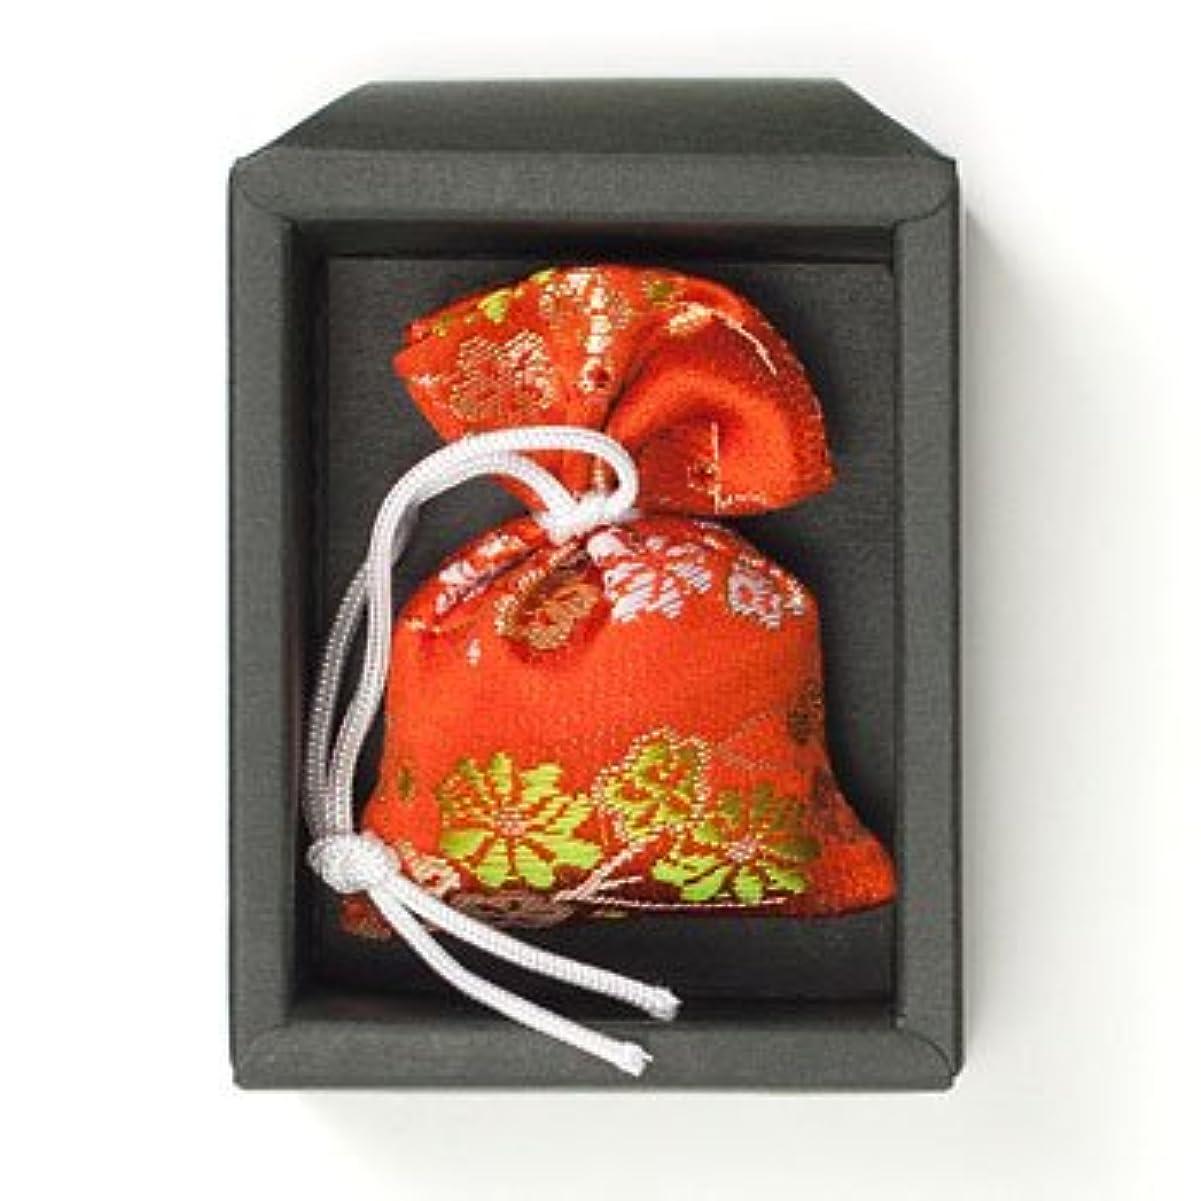 ピボットカバー性別匂い袋 誰が袖 極品 1個入 松栄堂 Shoyeido 本体長さ60mm (色・柄は選べません)